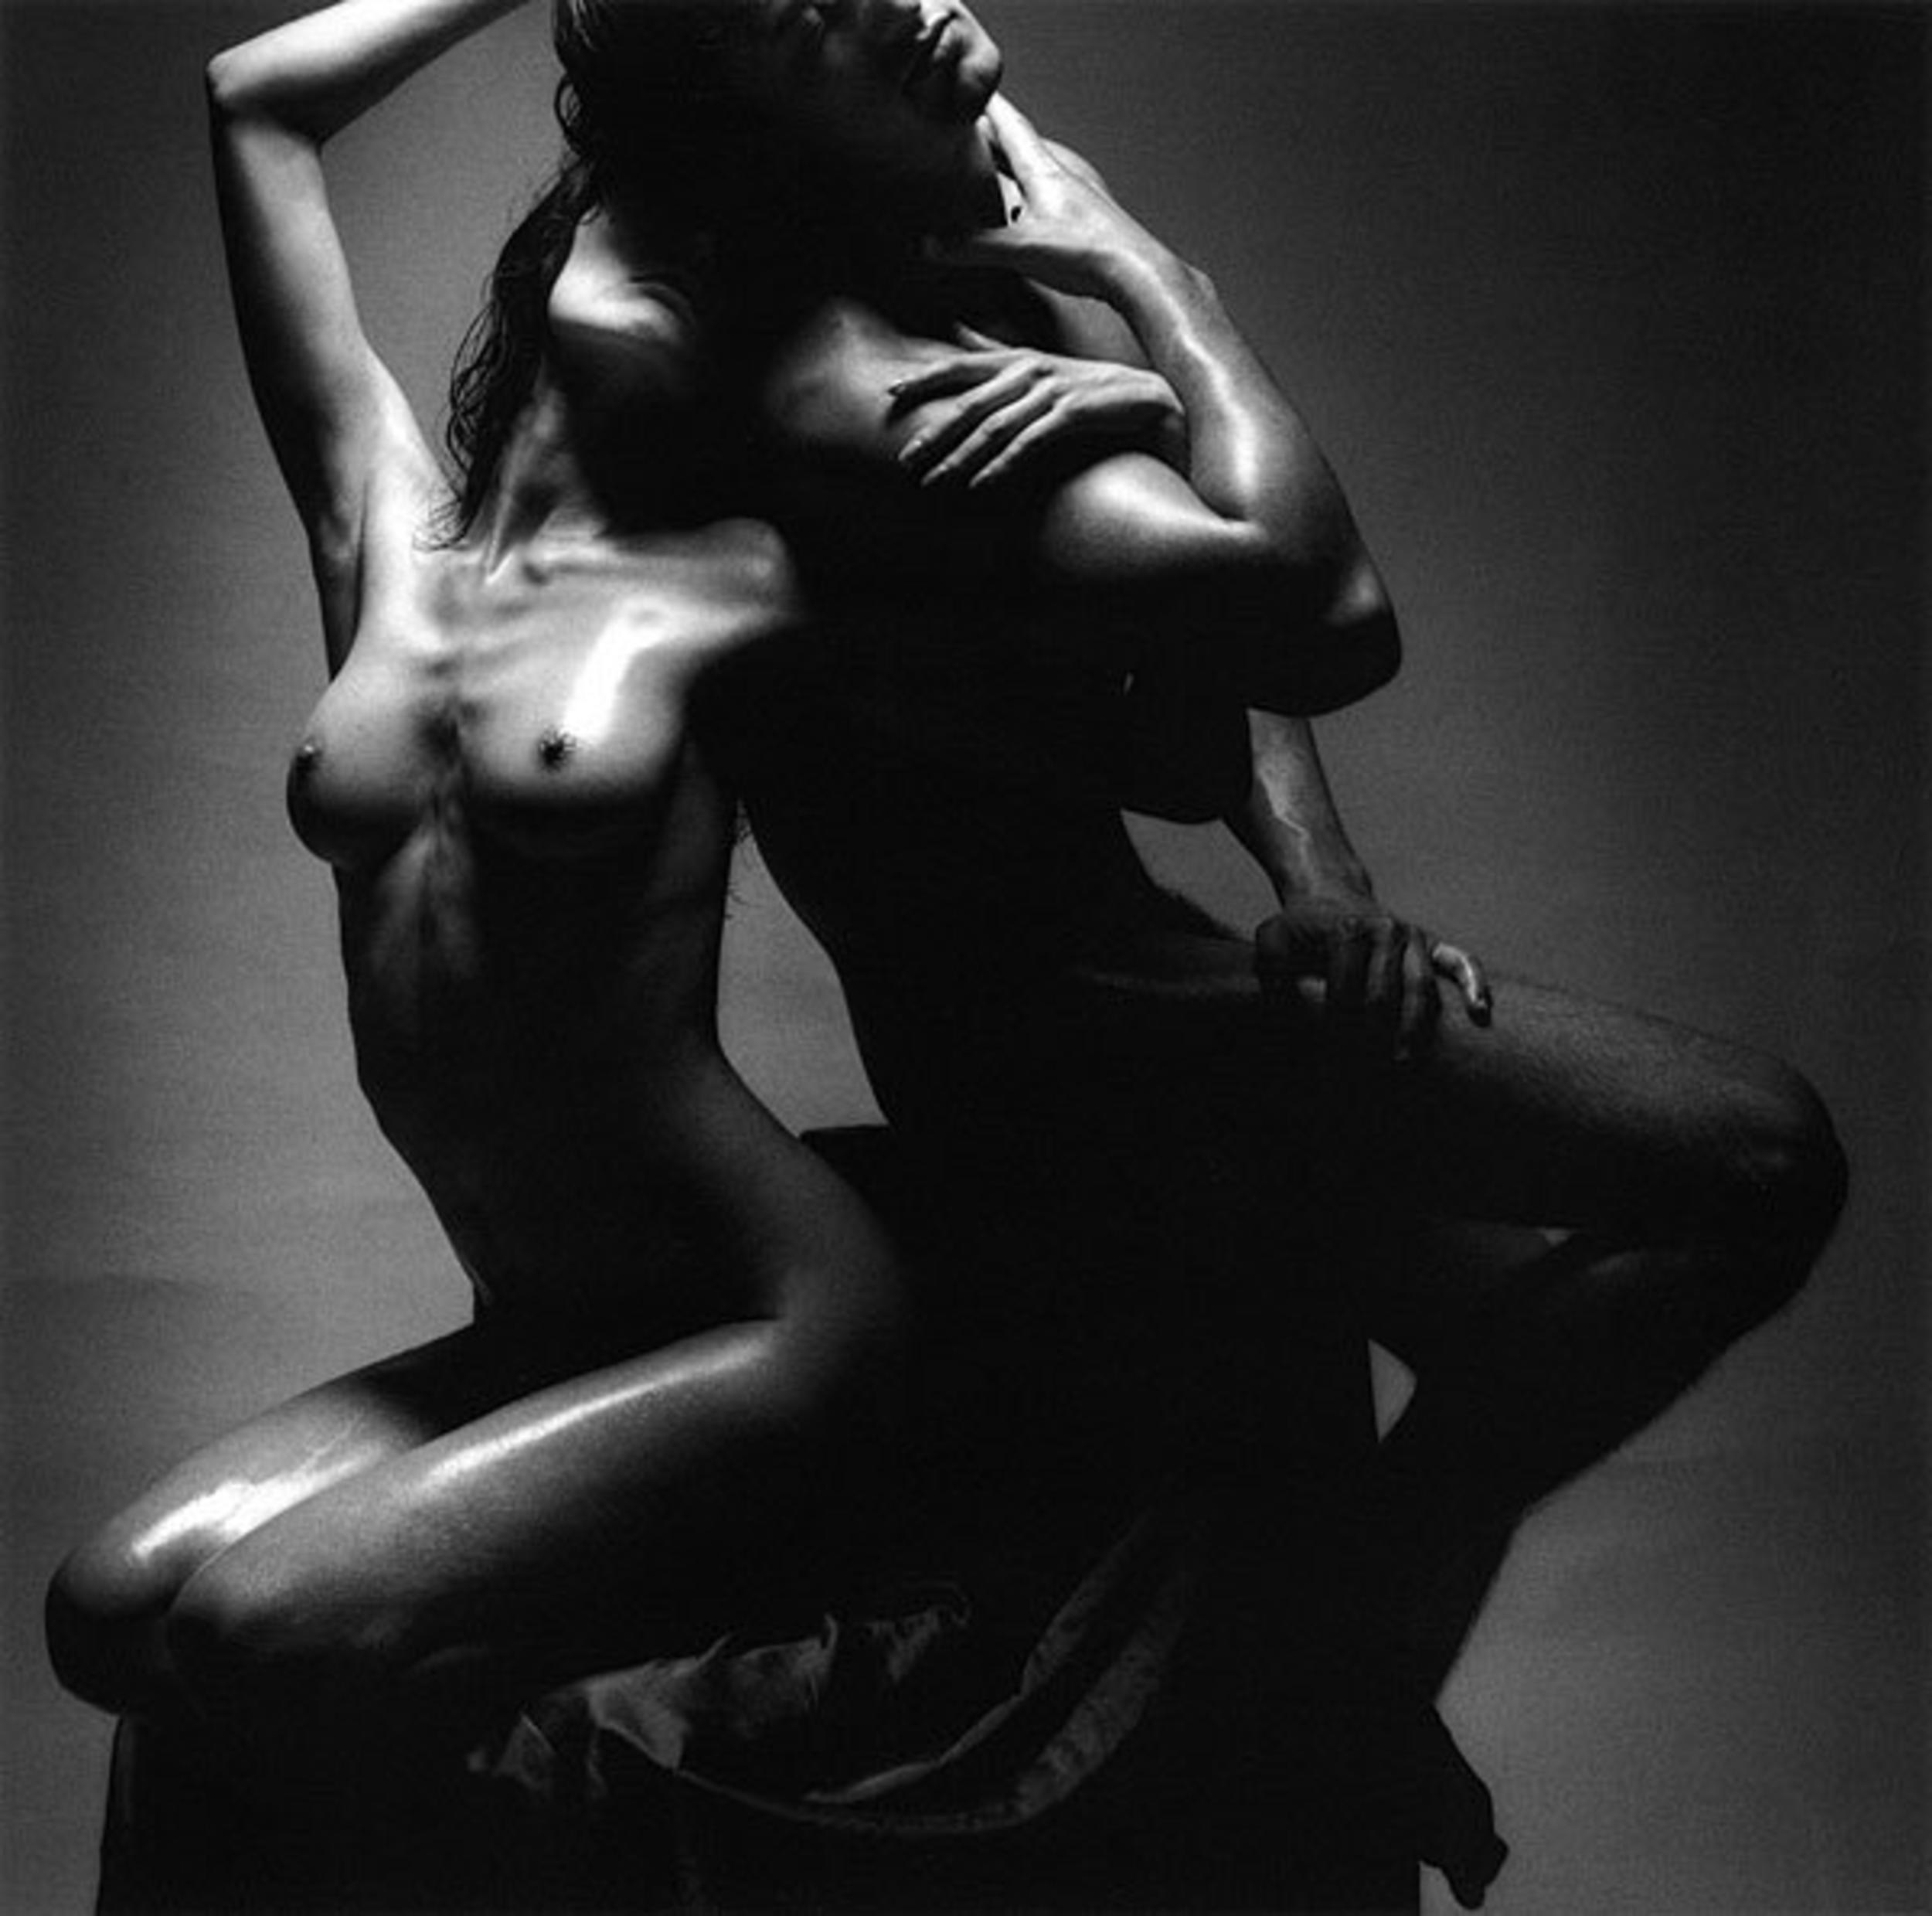 Эротическое фото мужчин и женщин черно белая профессиональная